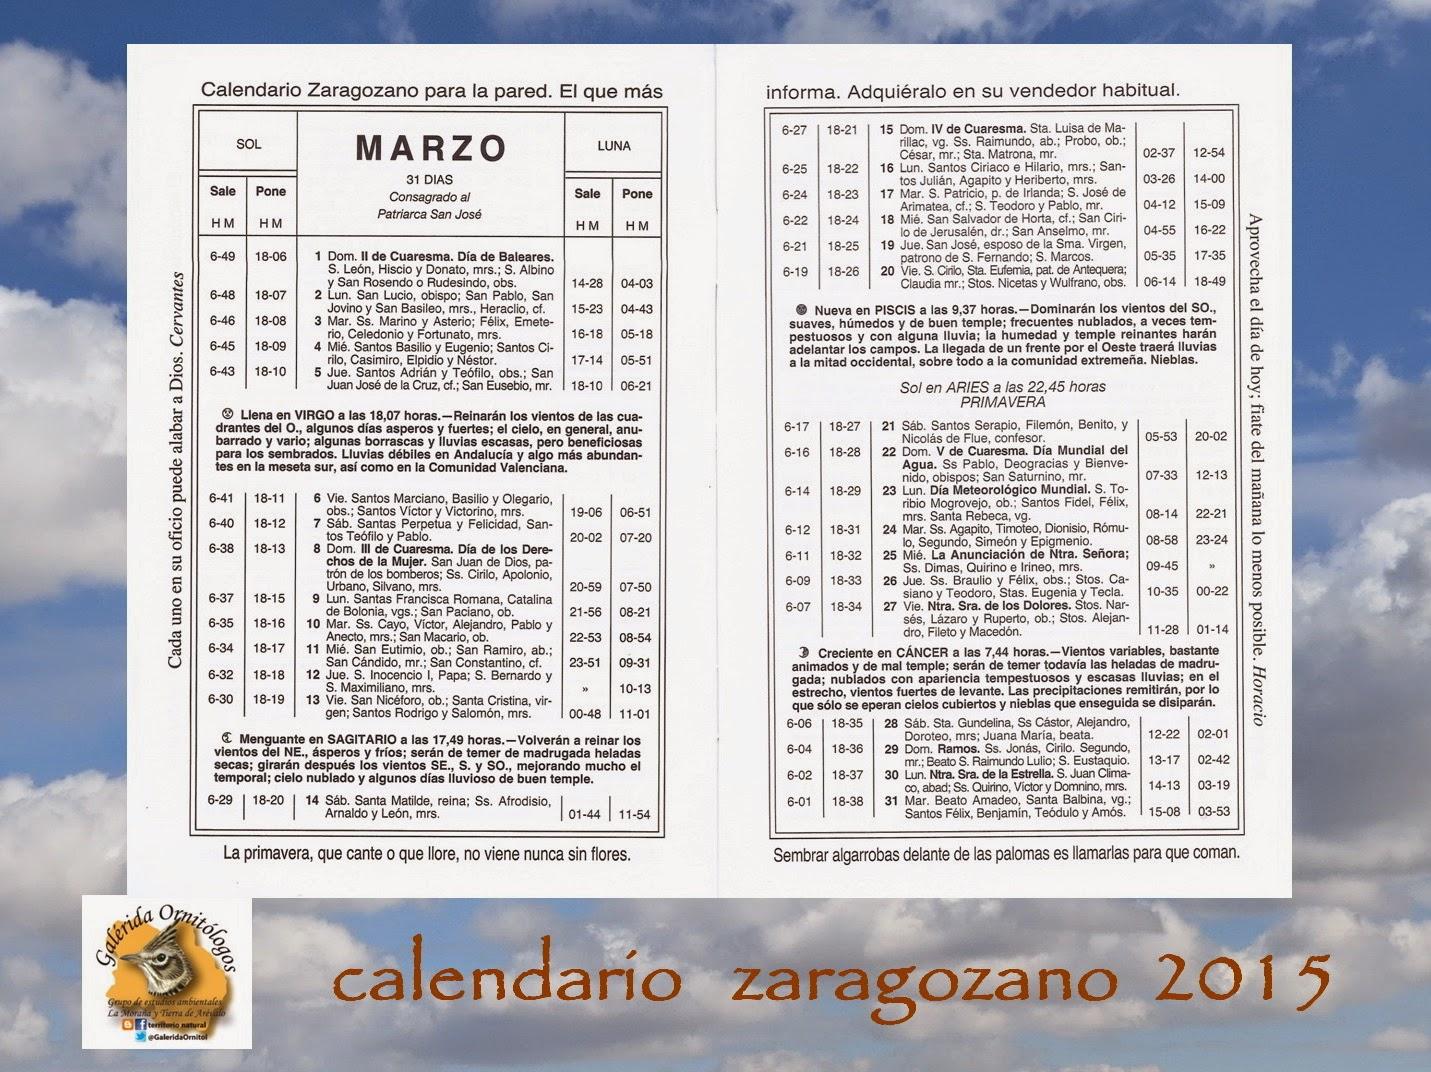 DESCARGAR CALENDARIO ZARAGOZANO 2012 PDF